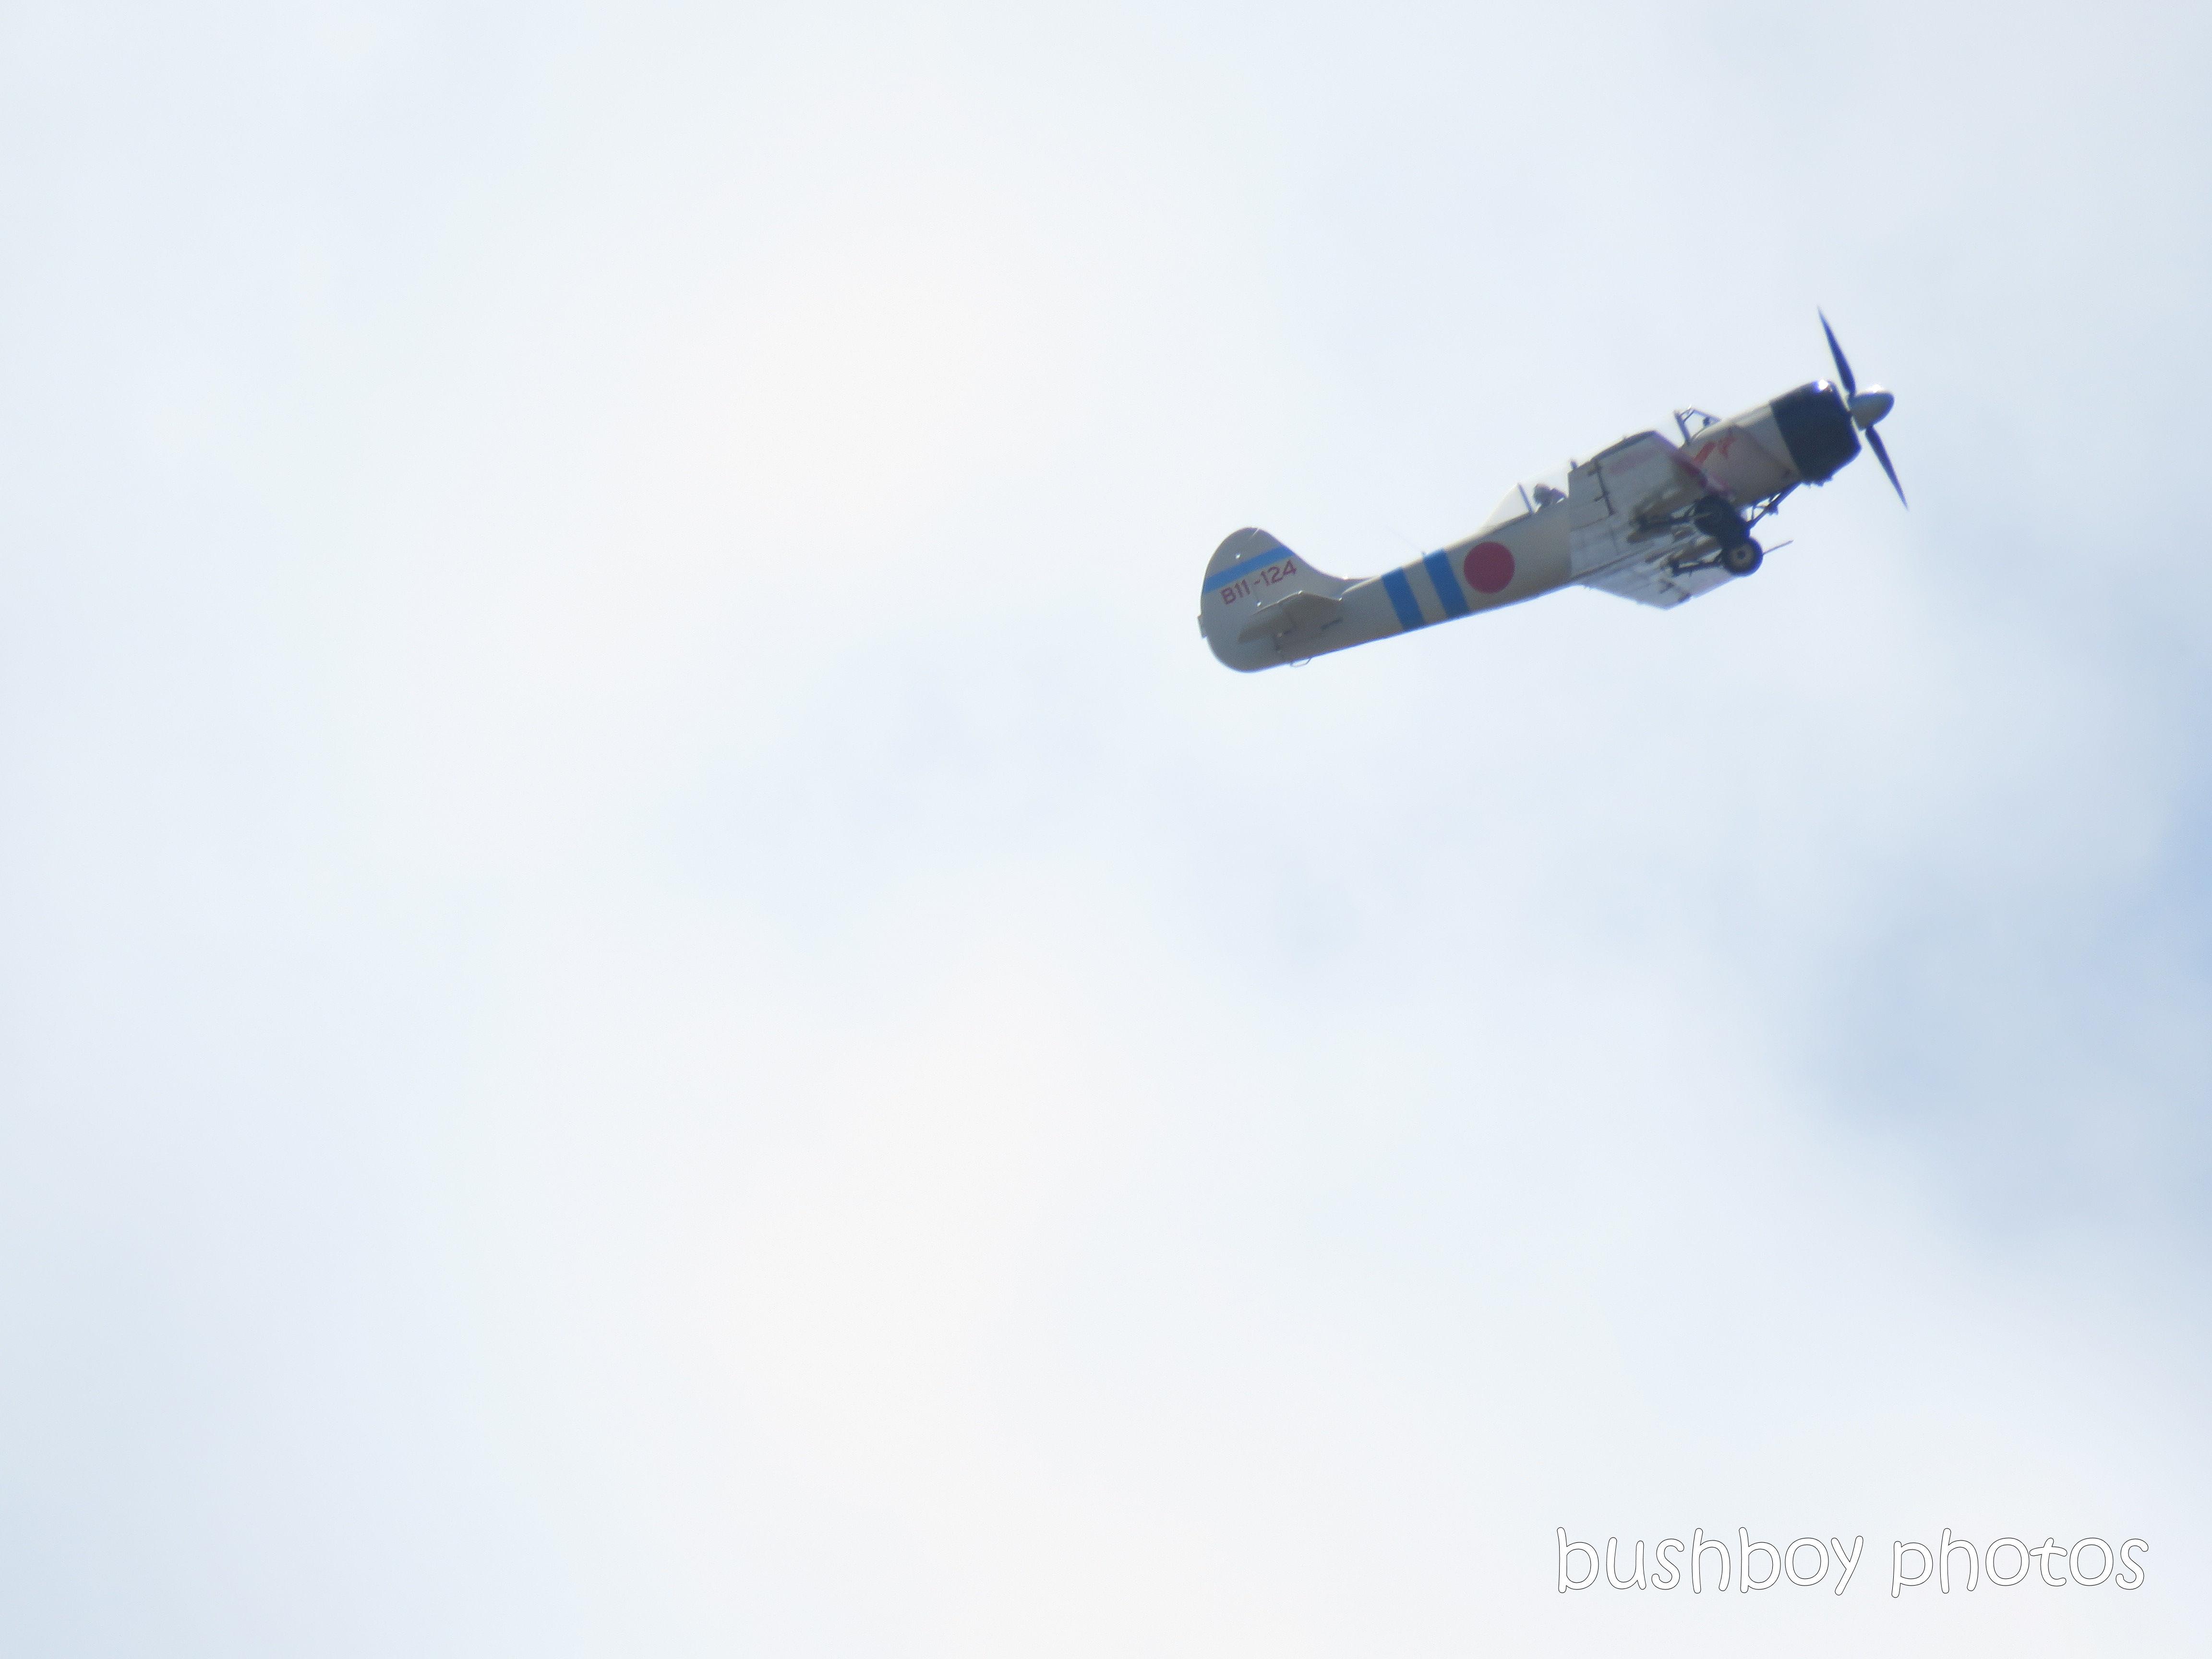 190218_blog_challenge_up_aeroplane1